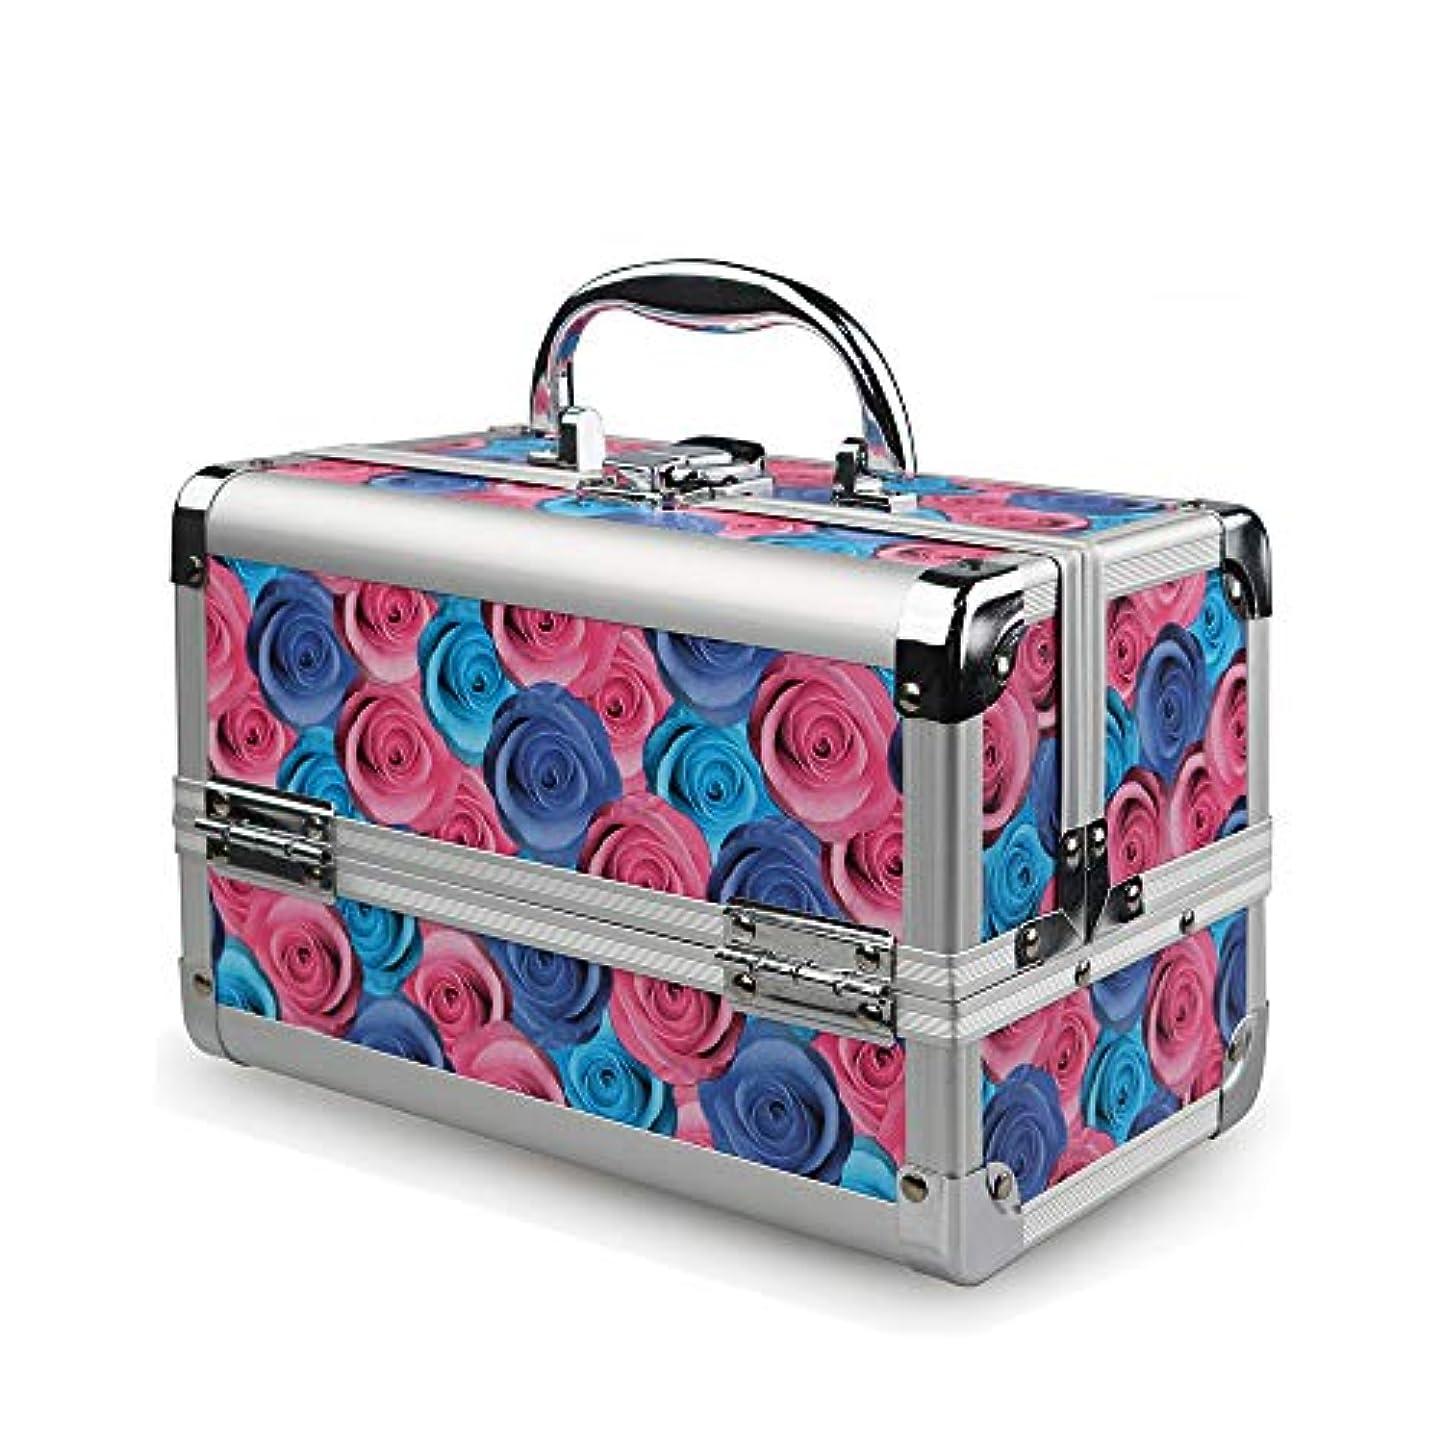 無能エクスタシー太平洋諸島特大スペース収納ビューティーボックス 美の構造のためそしてジッパーおよび折る皿が付いている女の子の女性旅行そして毎日の貯蔵のための高容量の携帯用化粧品袋 化粧品化粧台